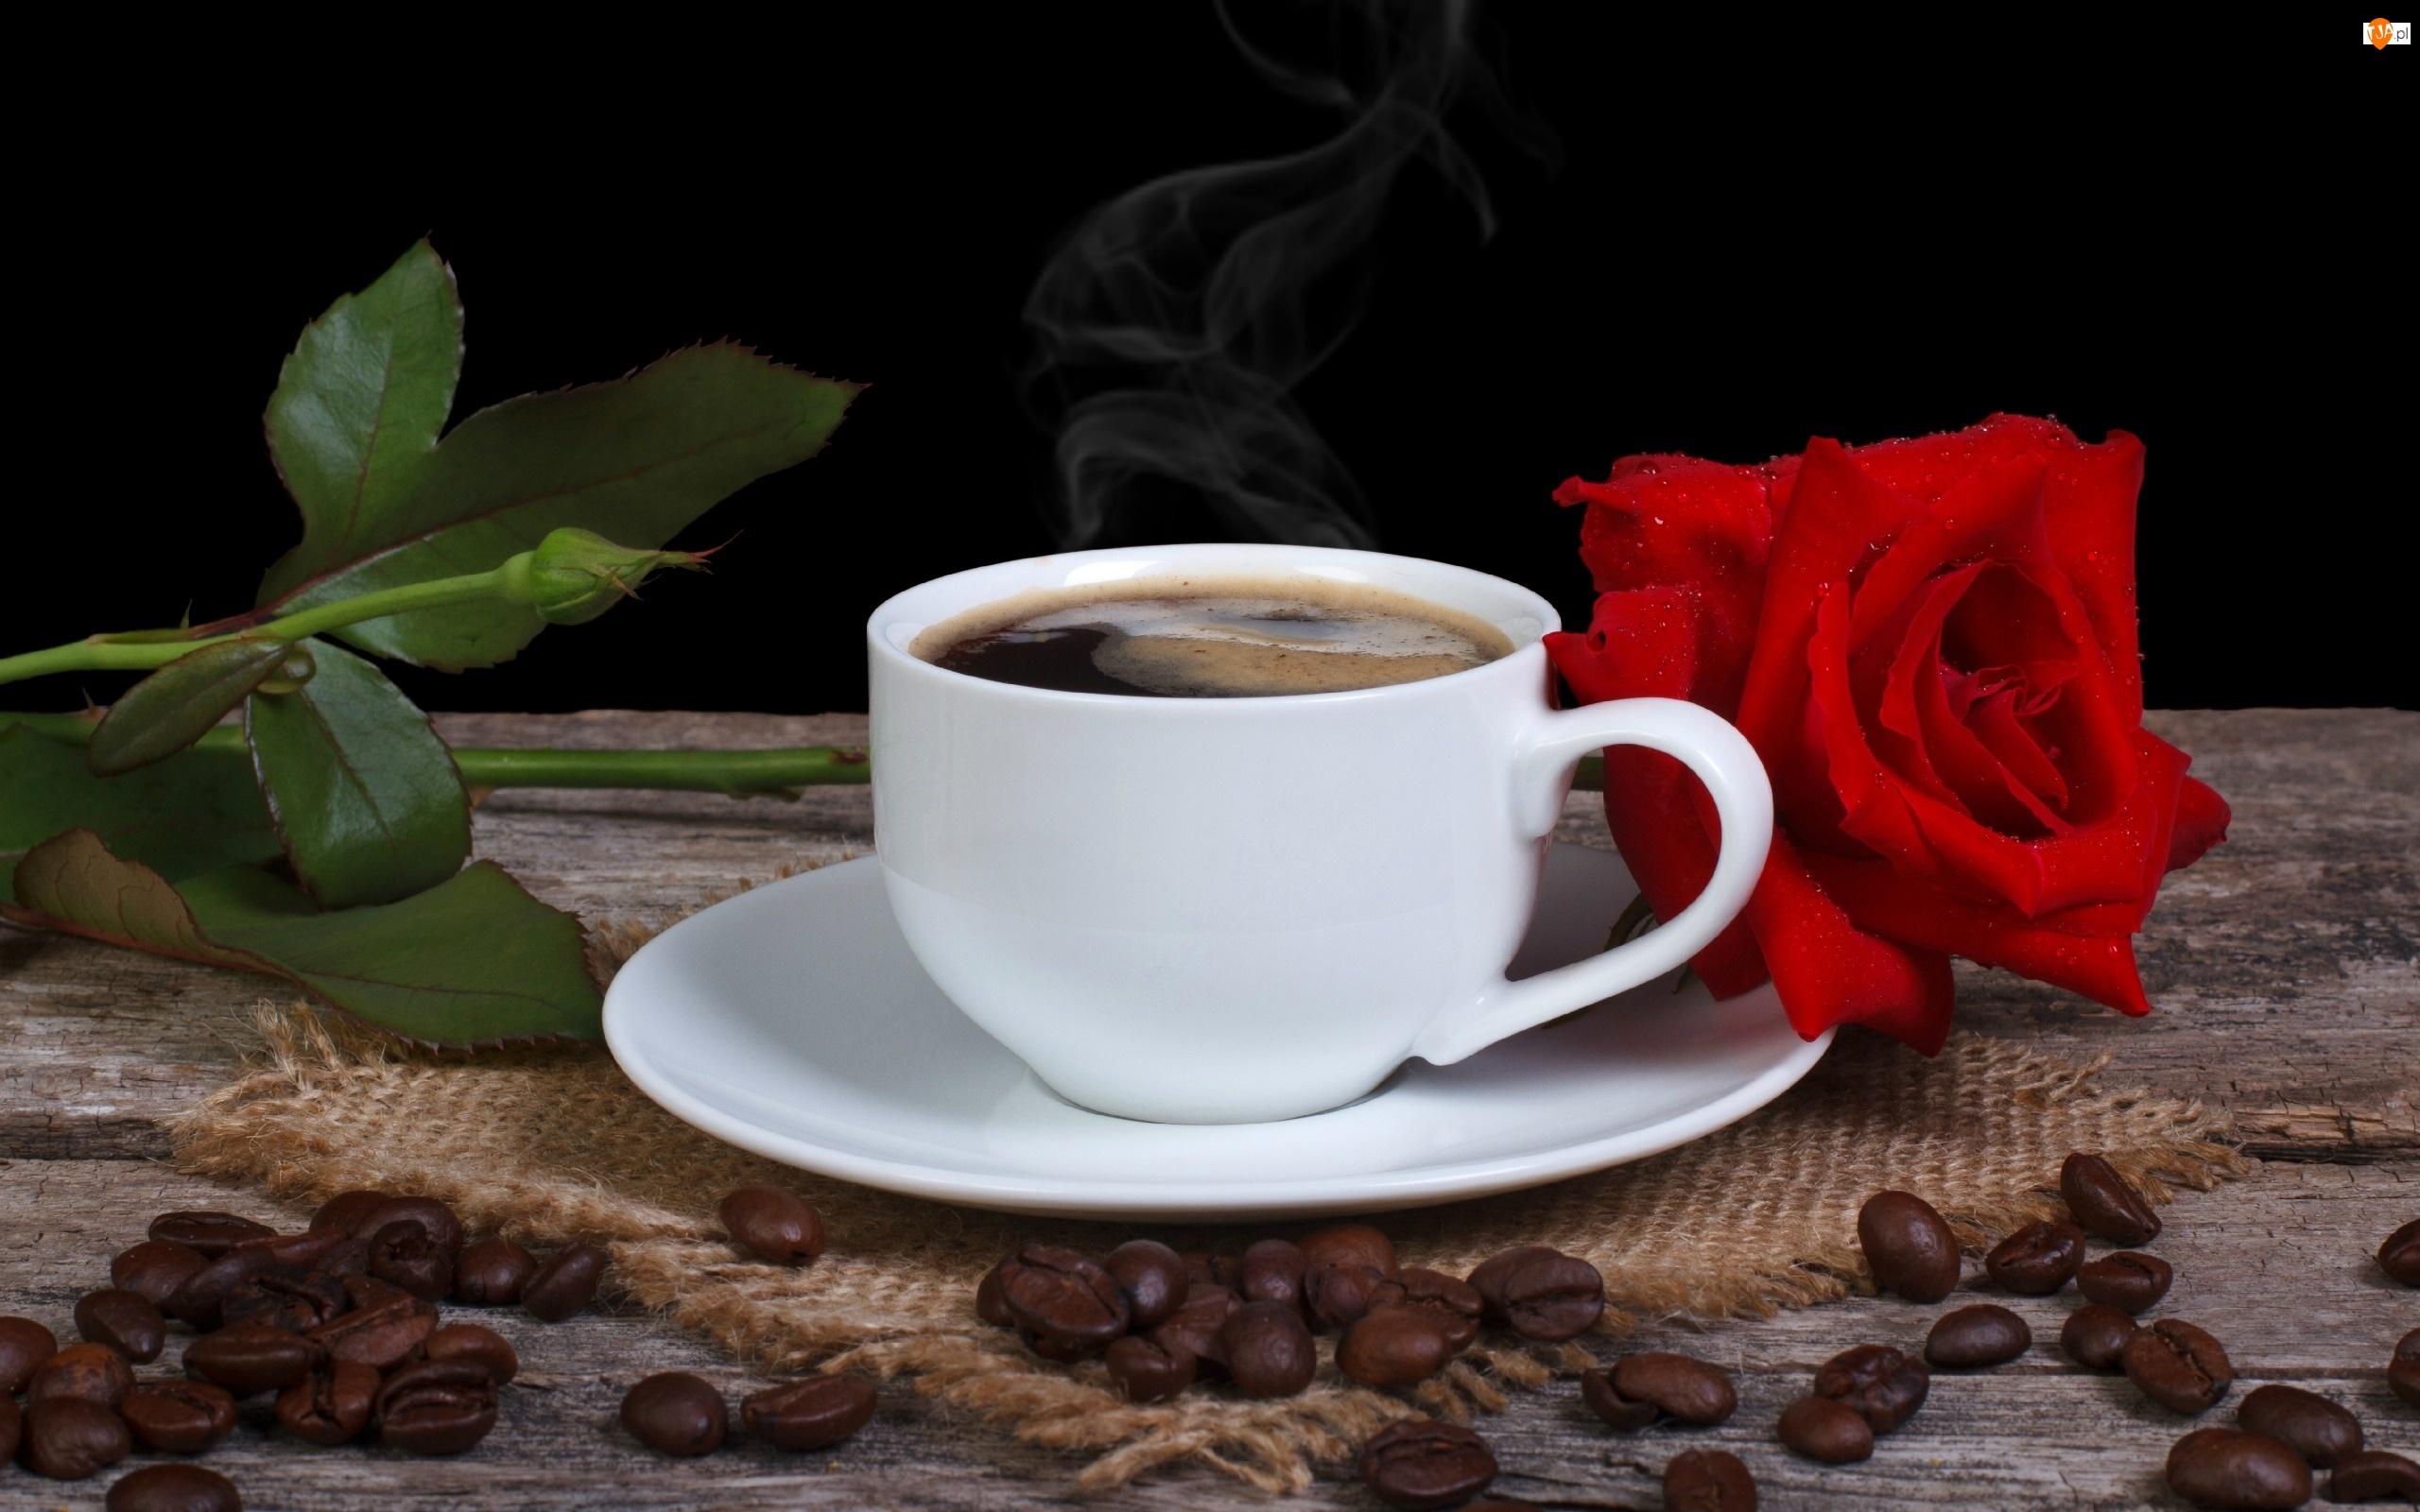 Kawy, Ławka, Róża, Kompozycja, Filiżanka, Ziarna